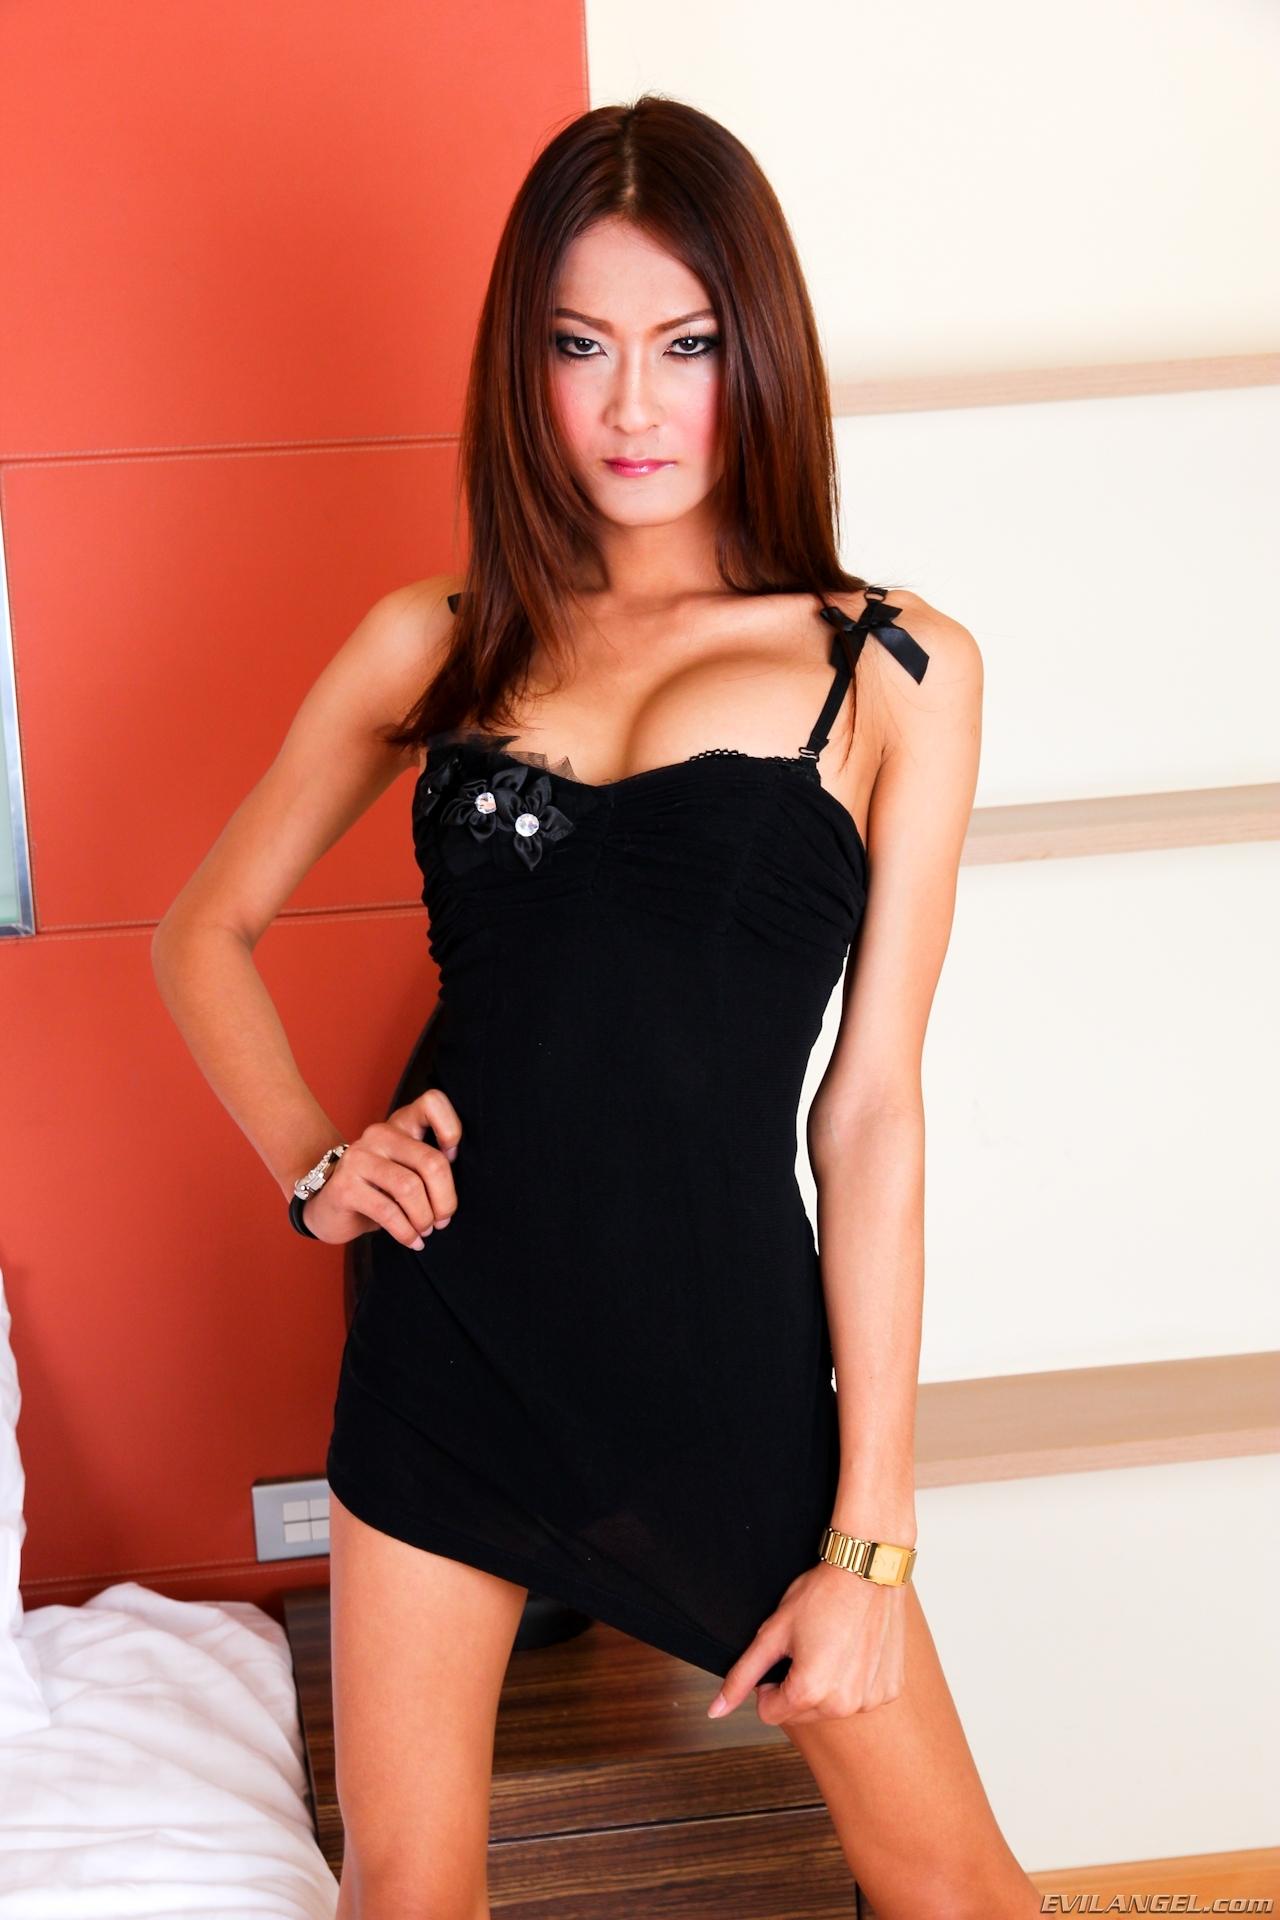 Toon In Tinie Black Skirt Toon